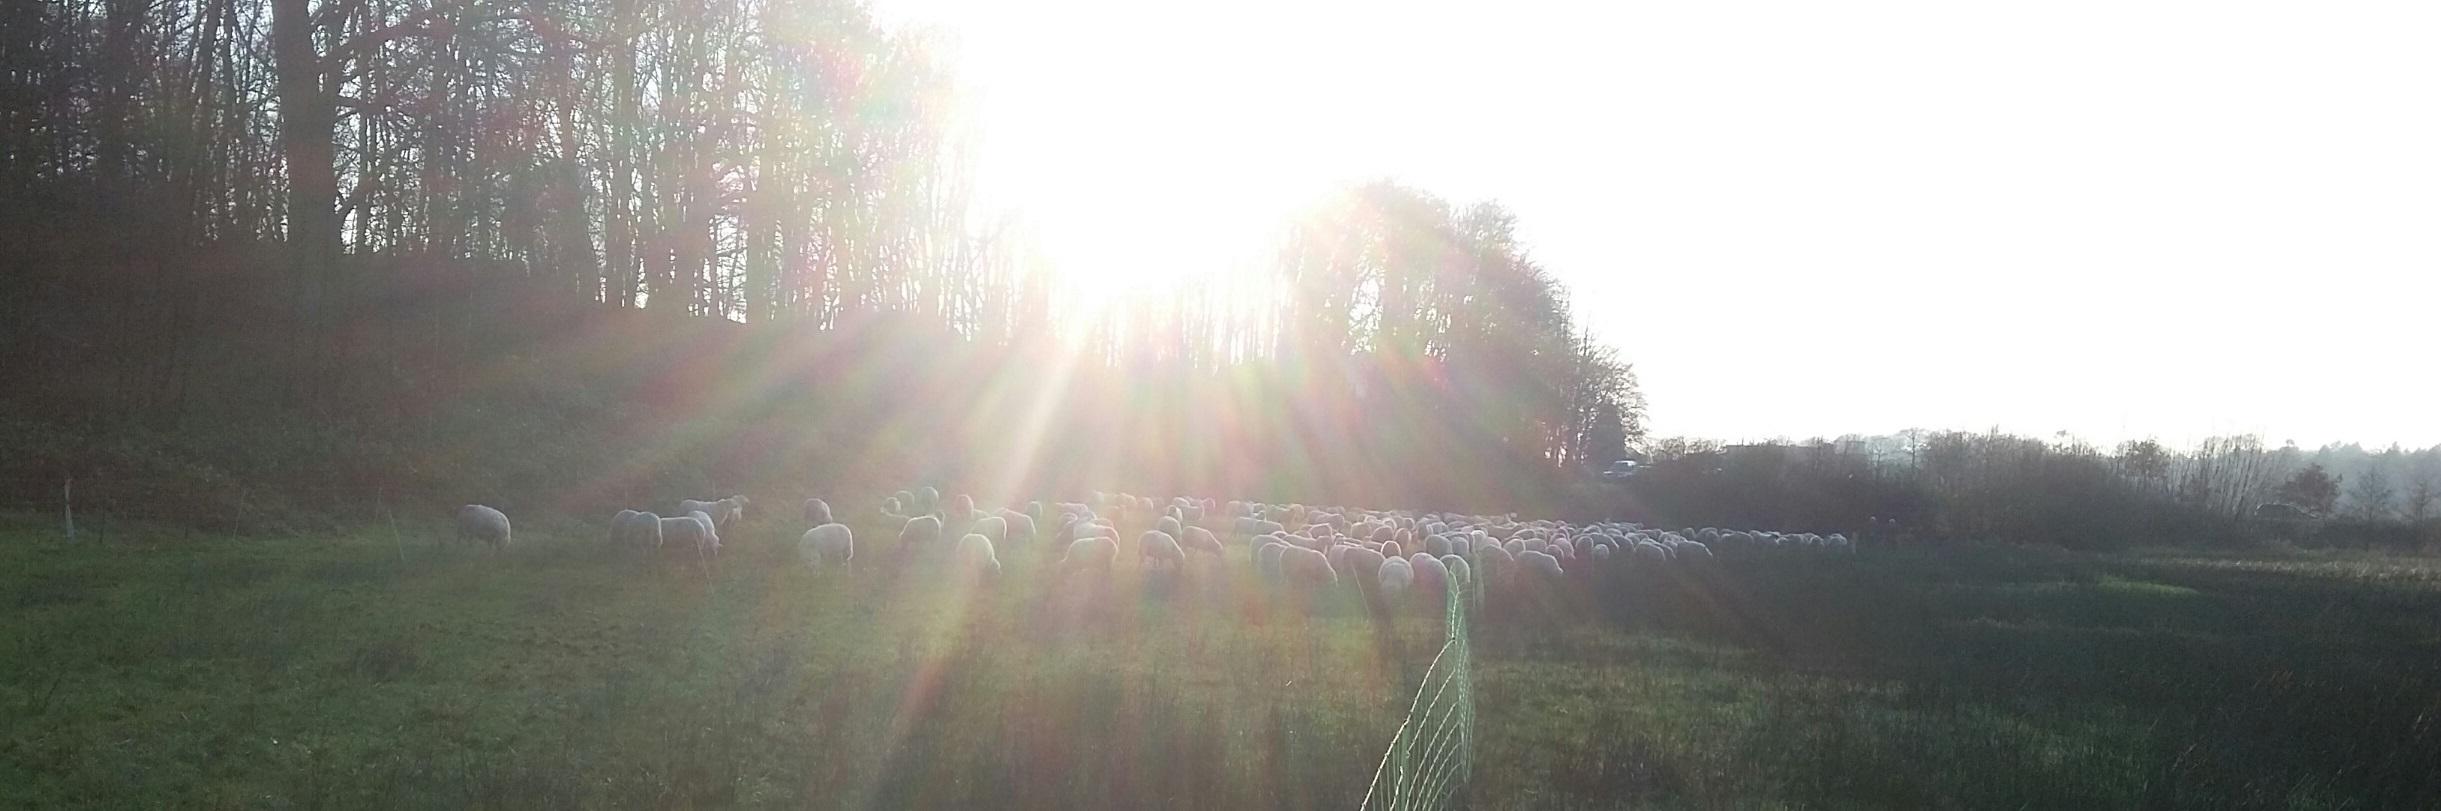 De schapen vormen een prachtig plaatje in het gebied